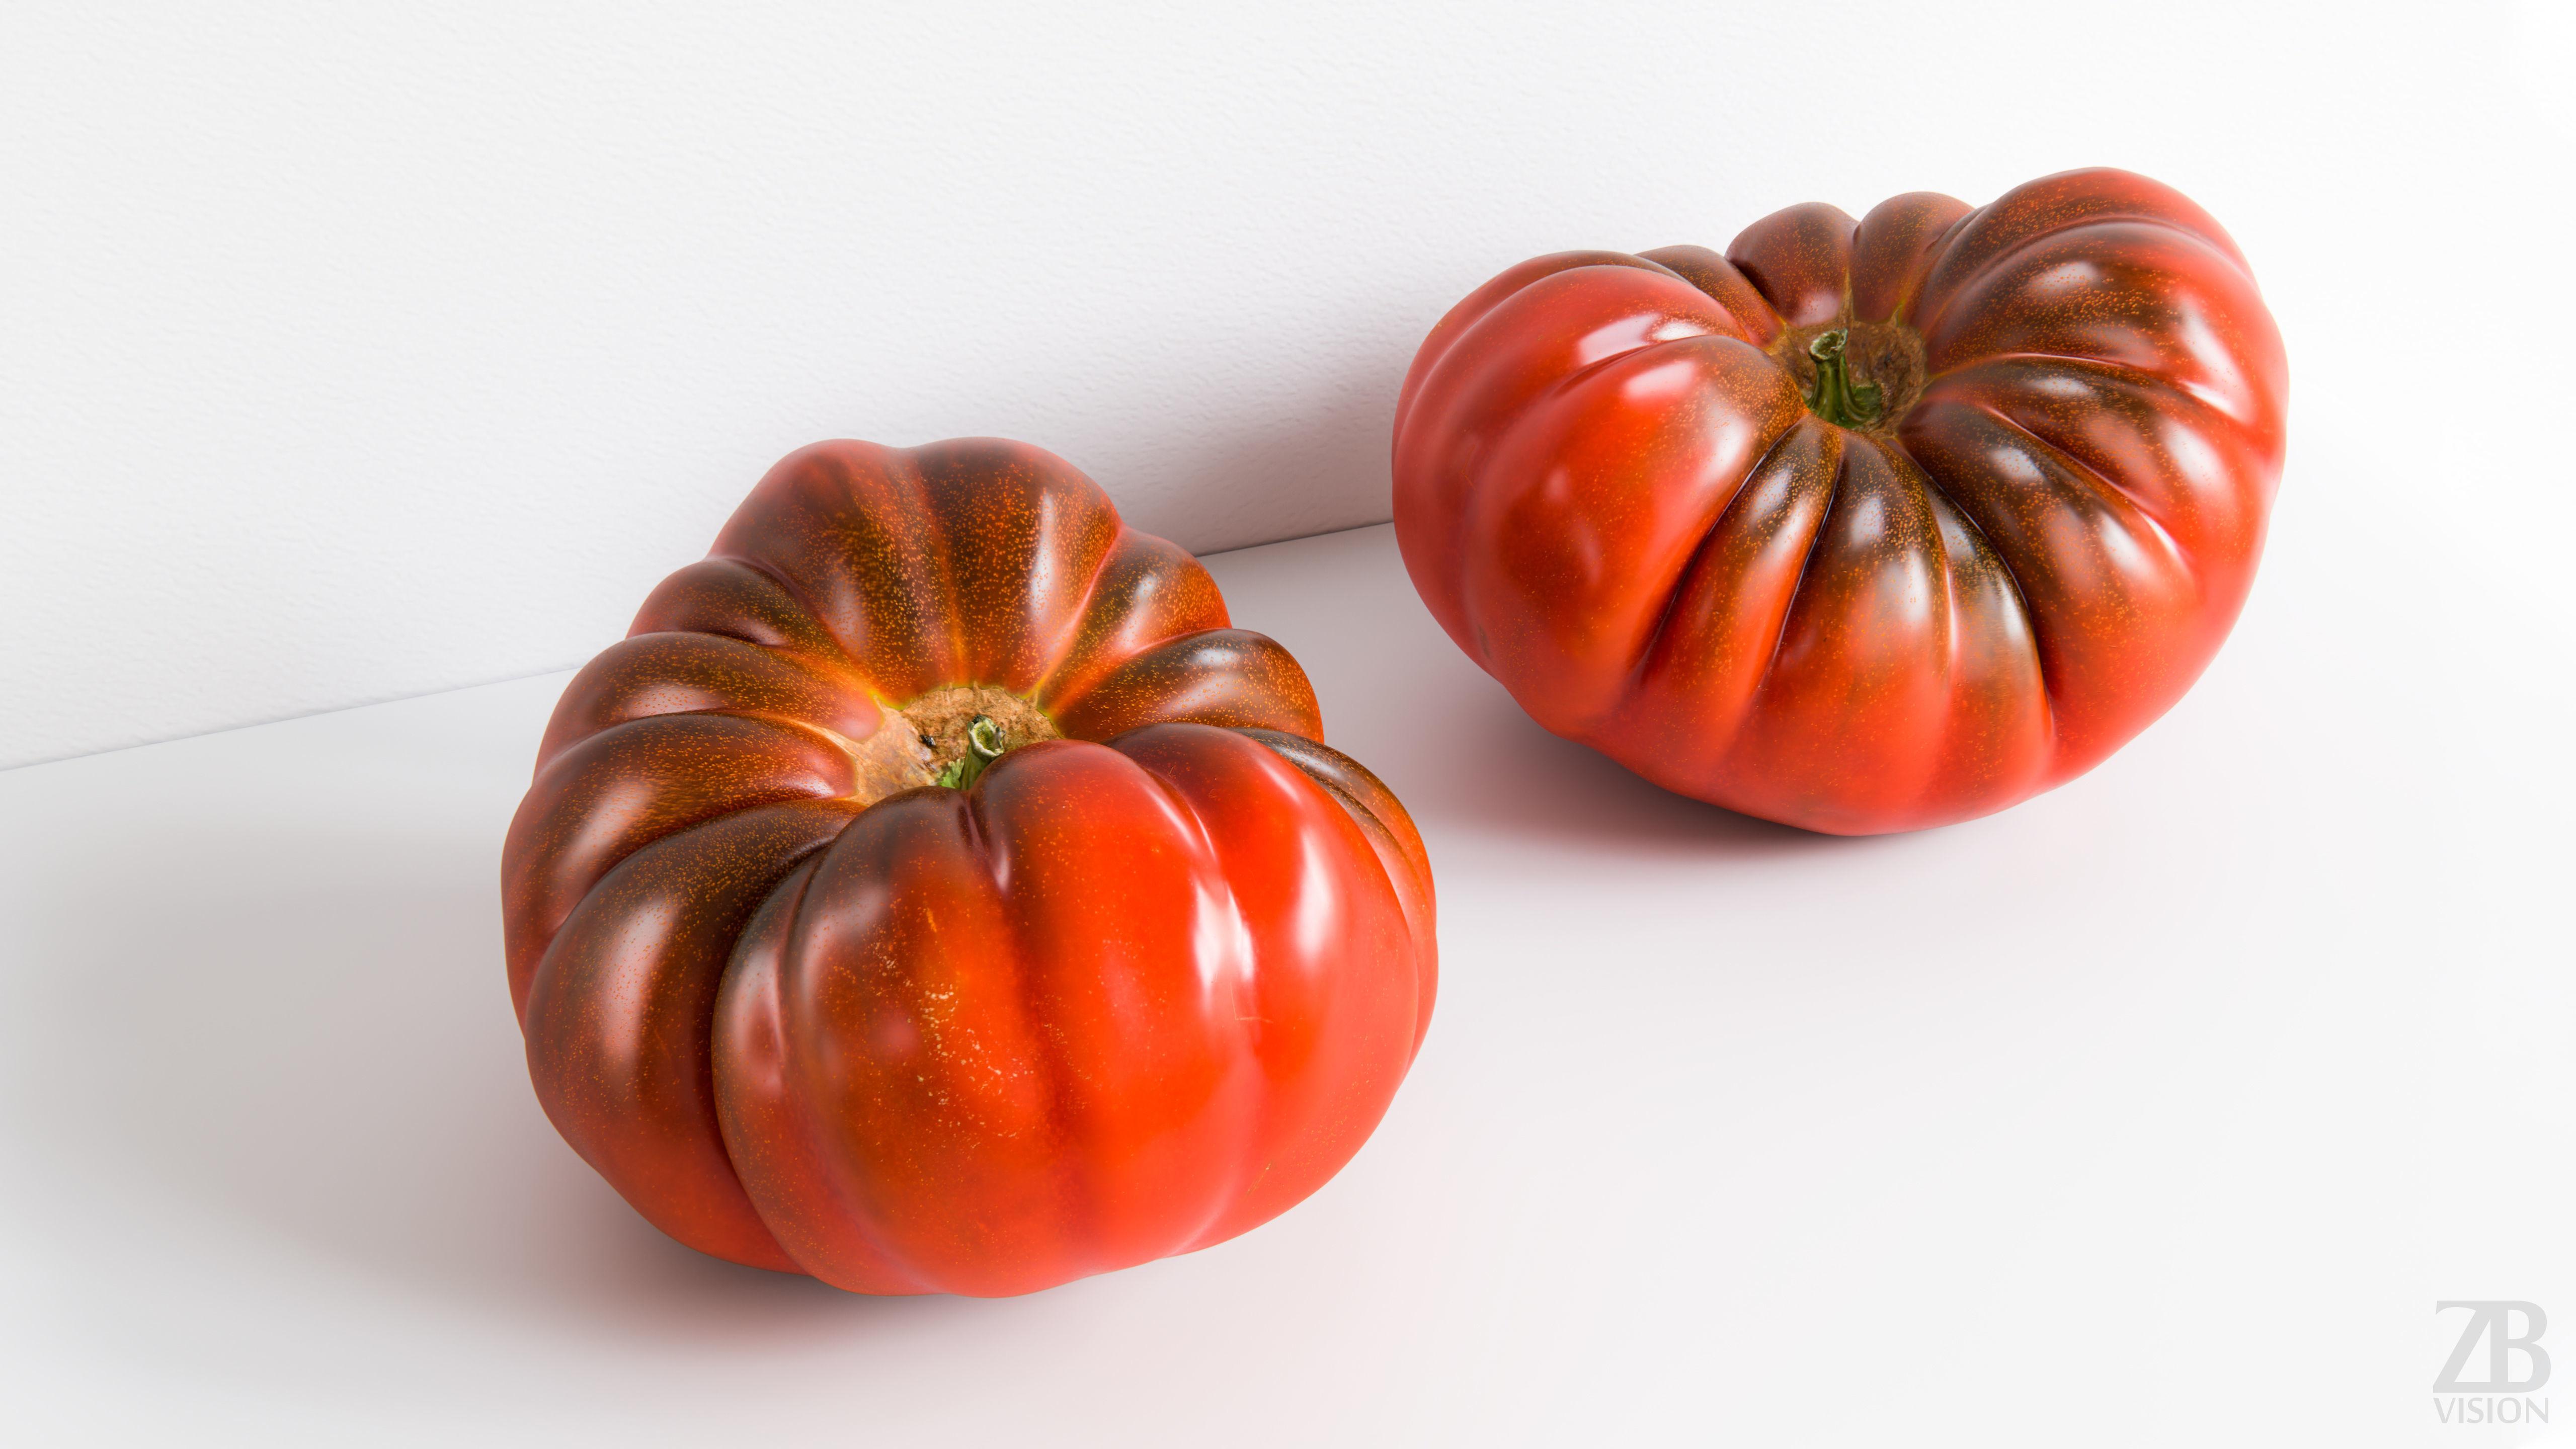 Tomato 010